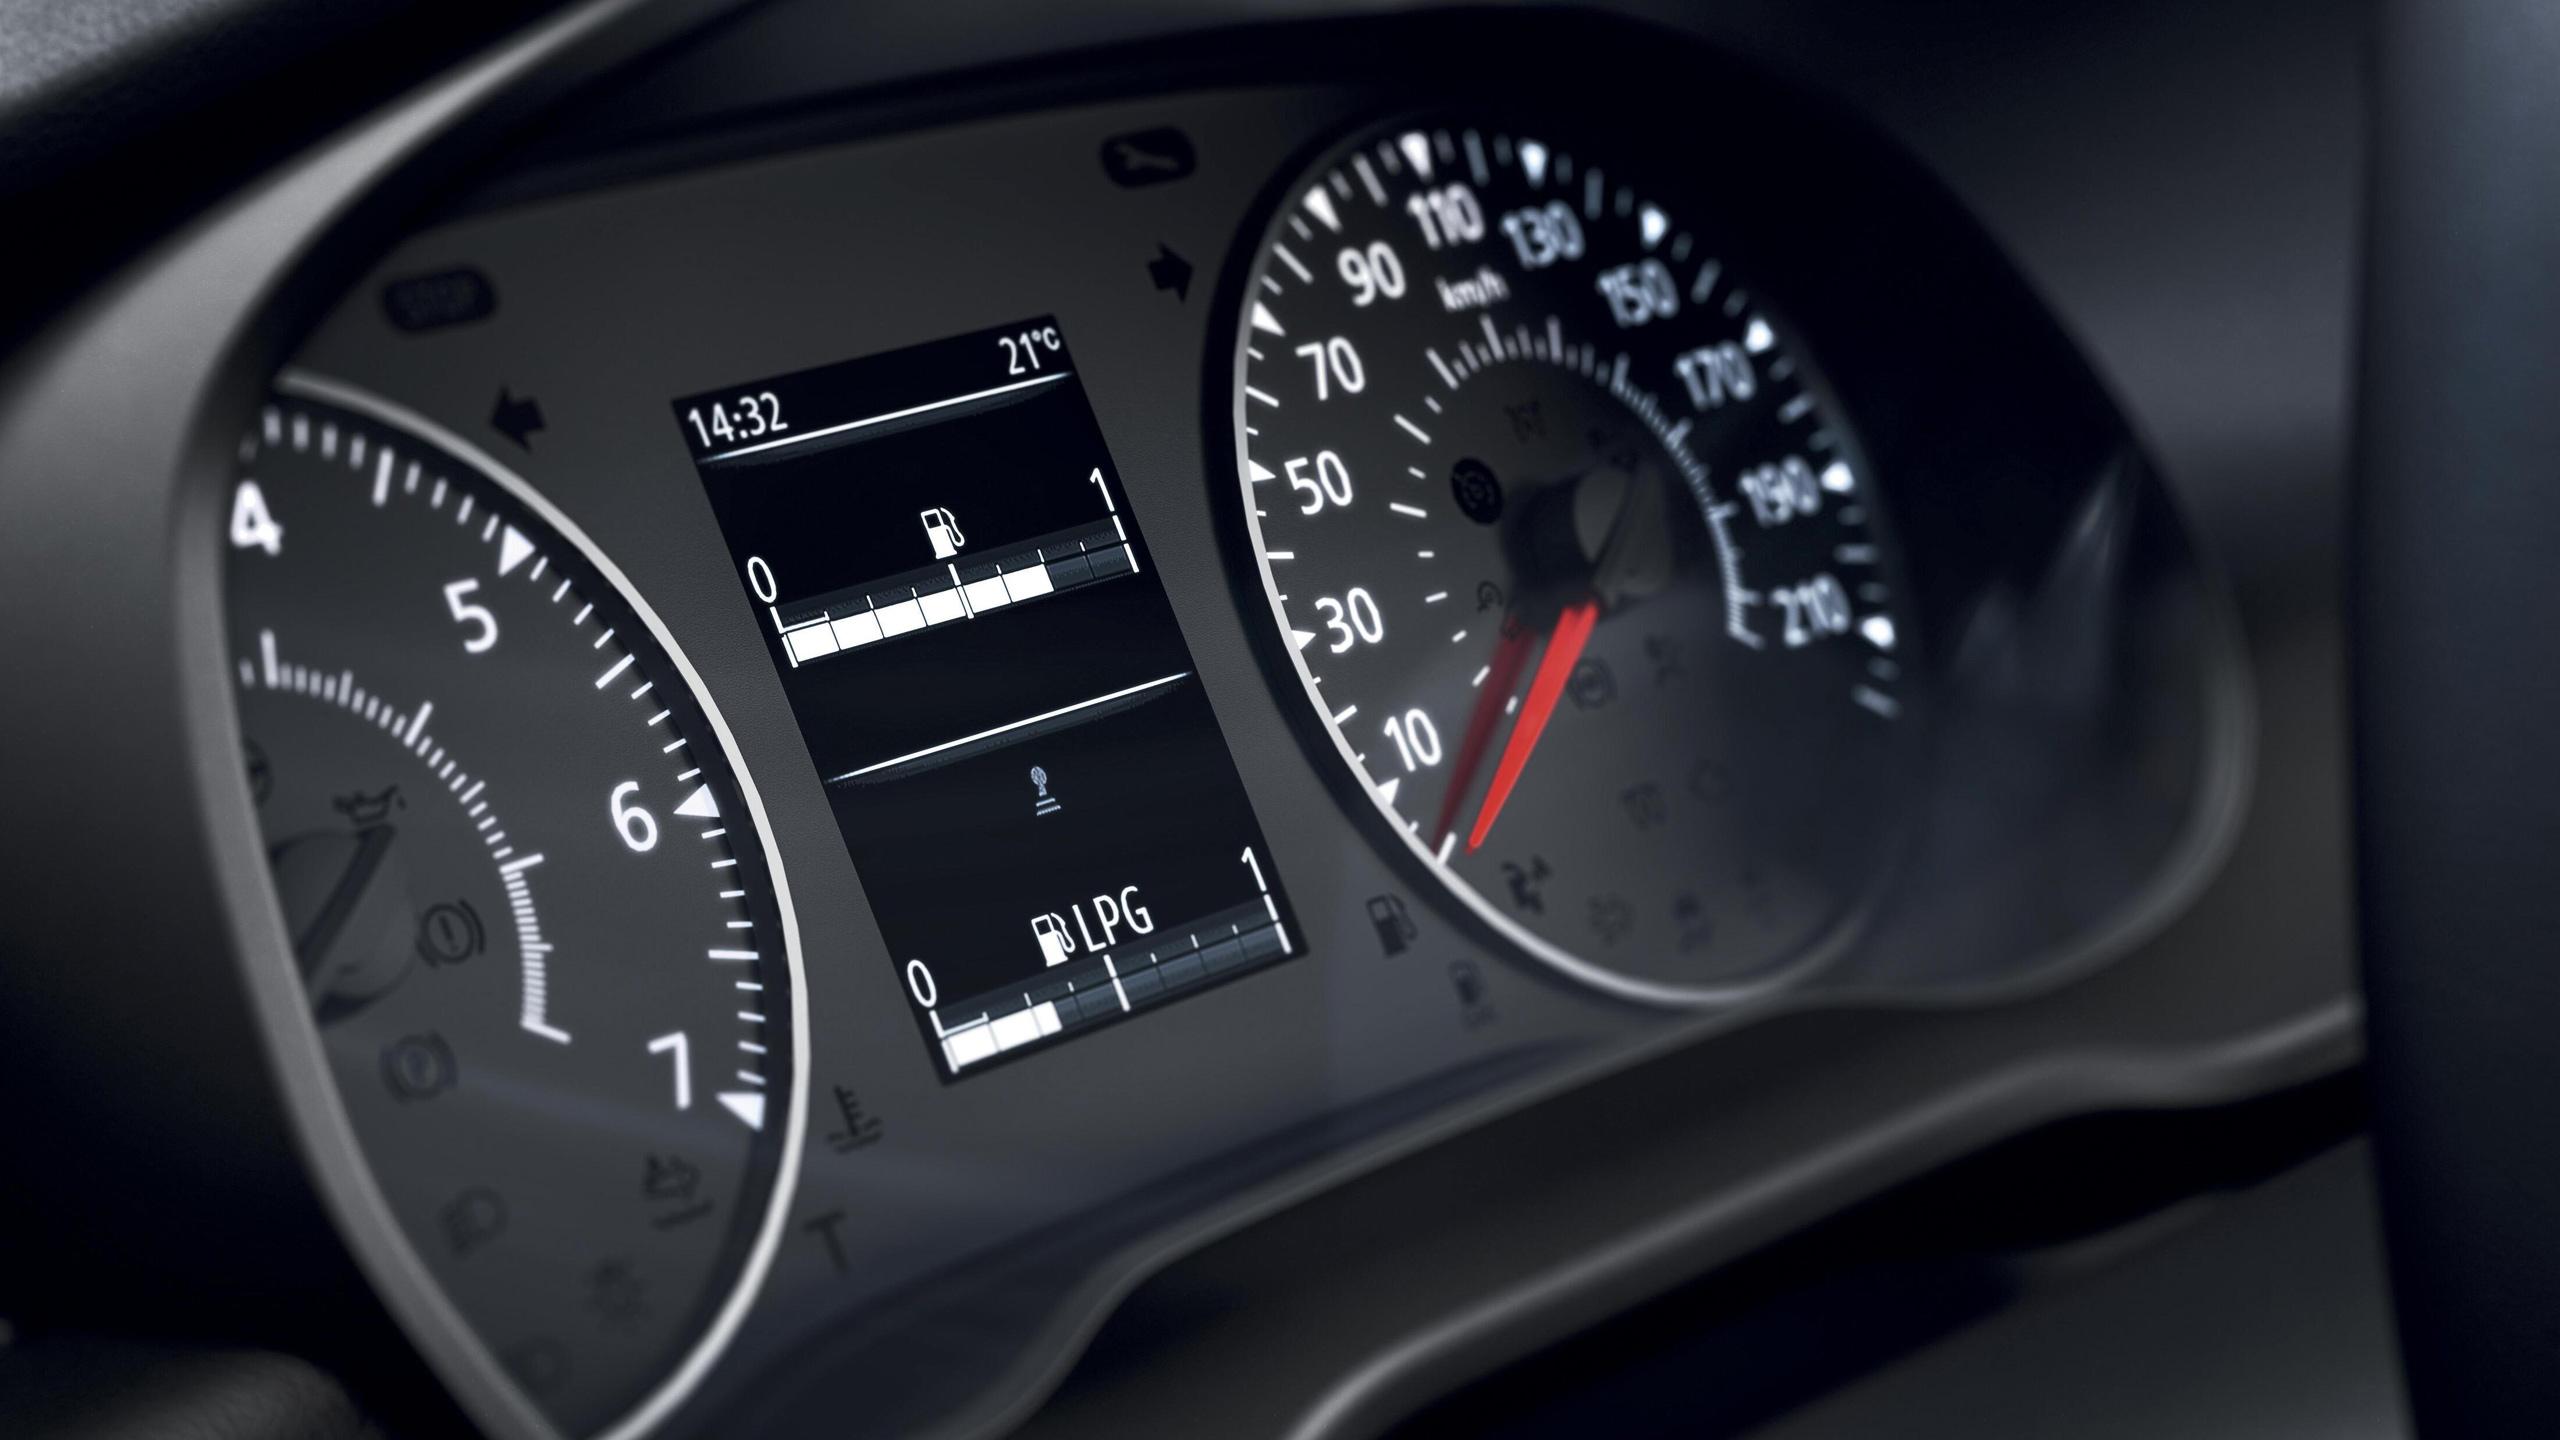 Ukazovatel optimálního rychlostního stupně